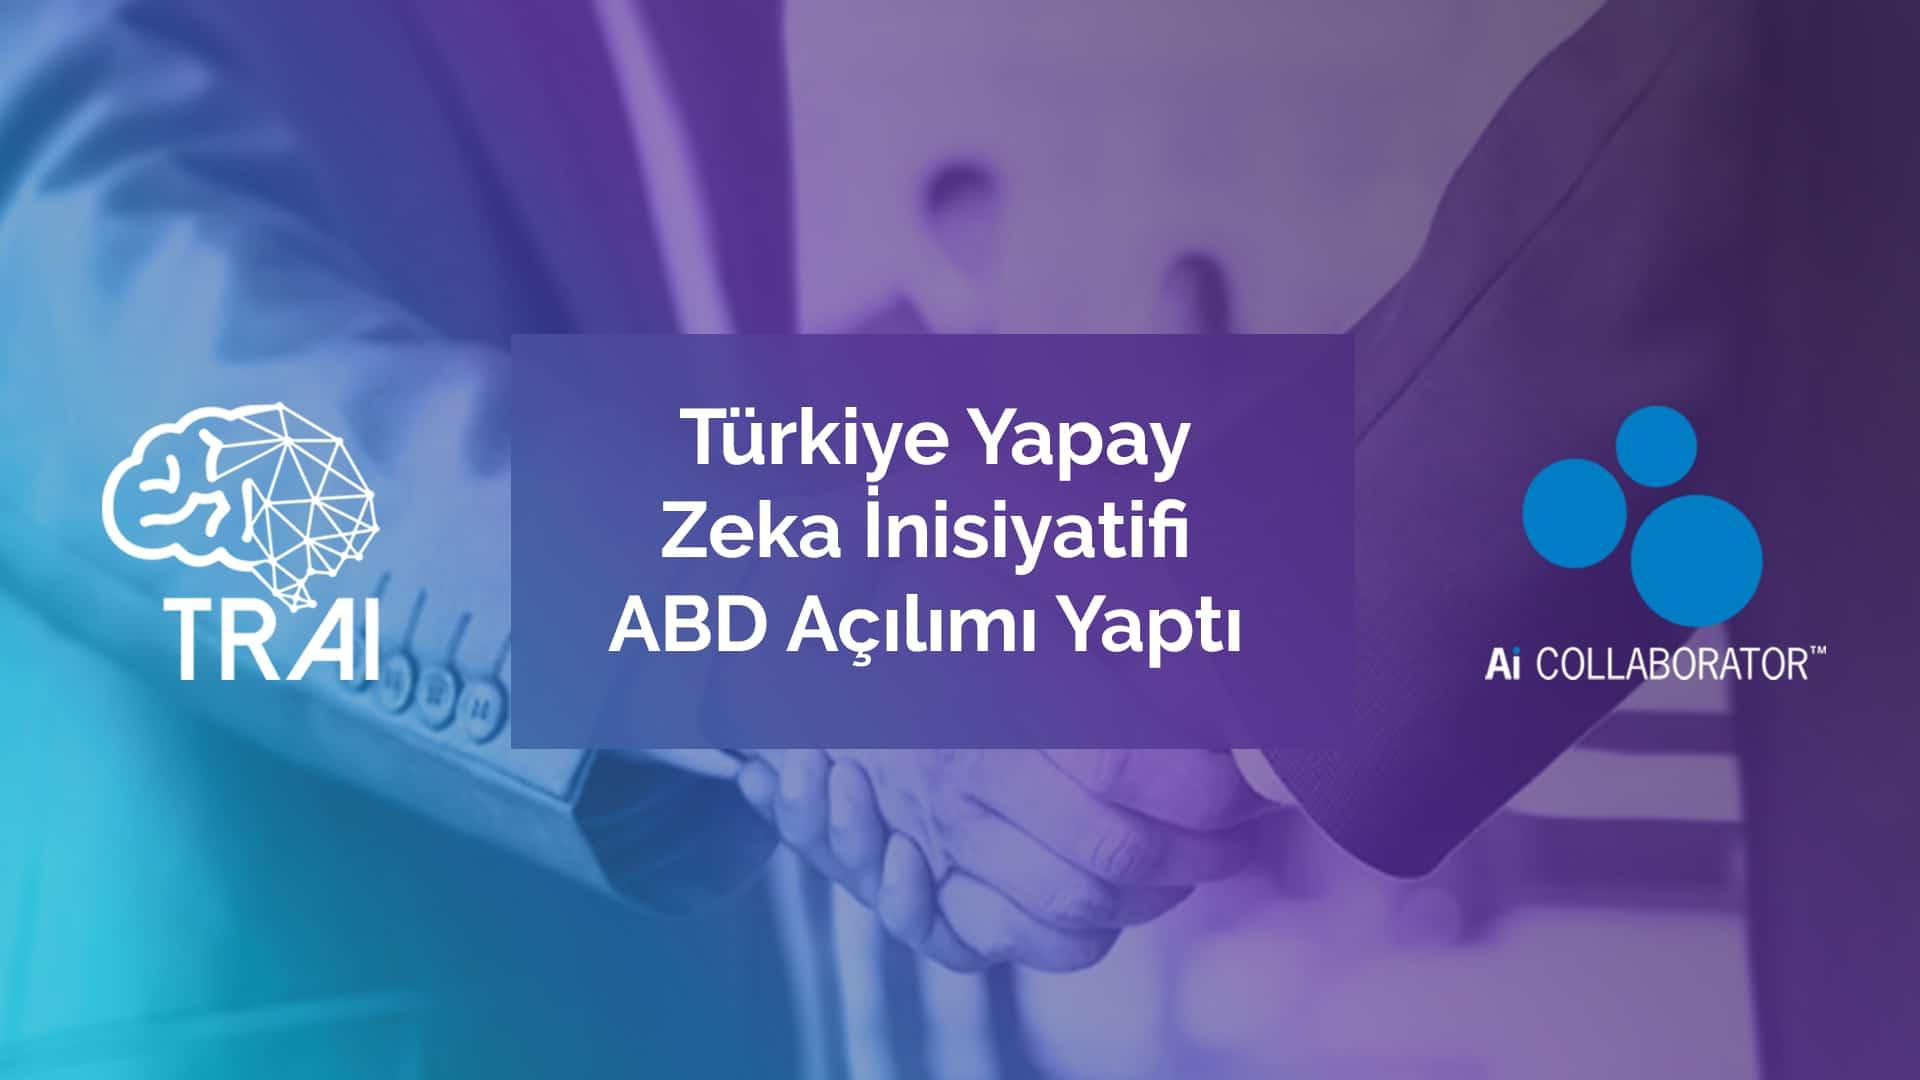 Türkiye Yapay Zeka İnisiyatifi ABD Açılımı Yaptı